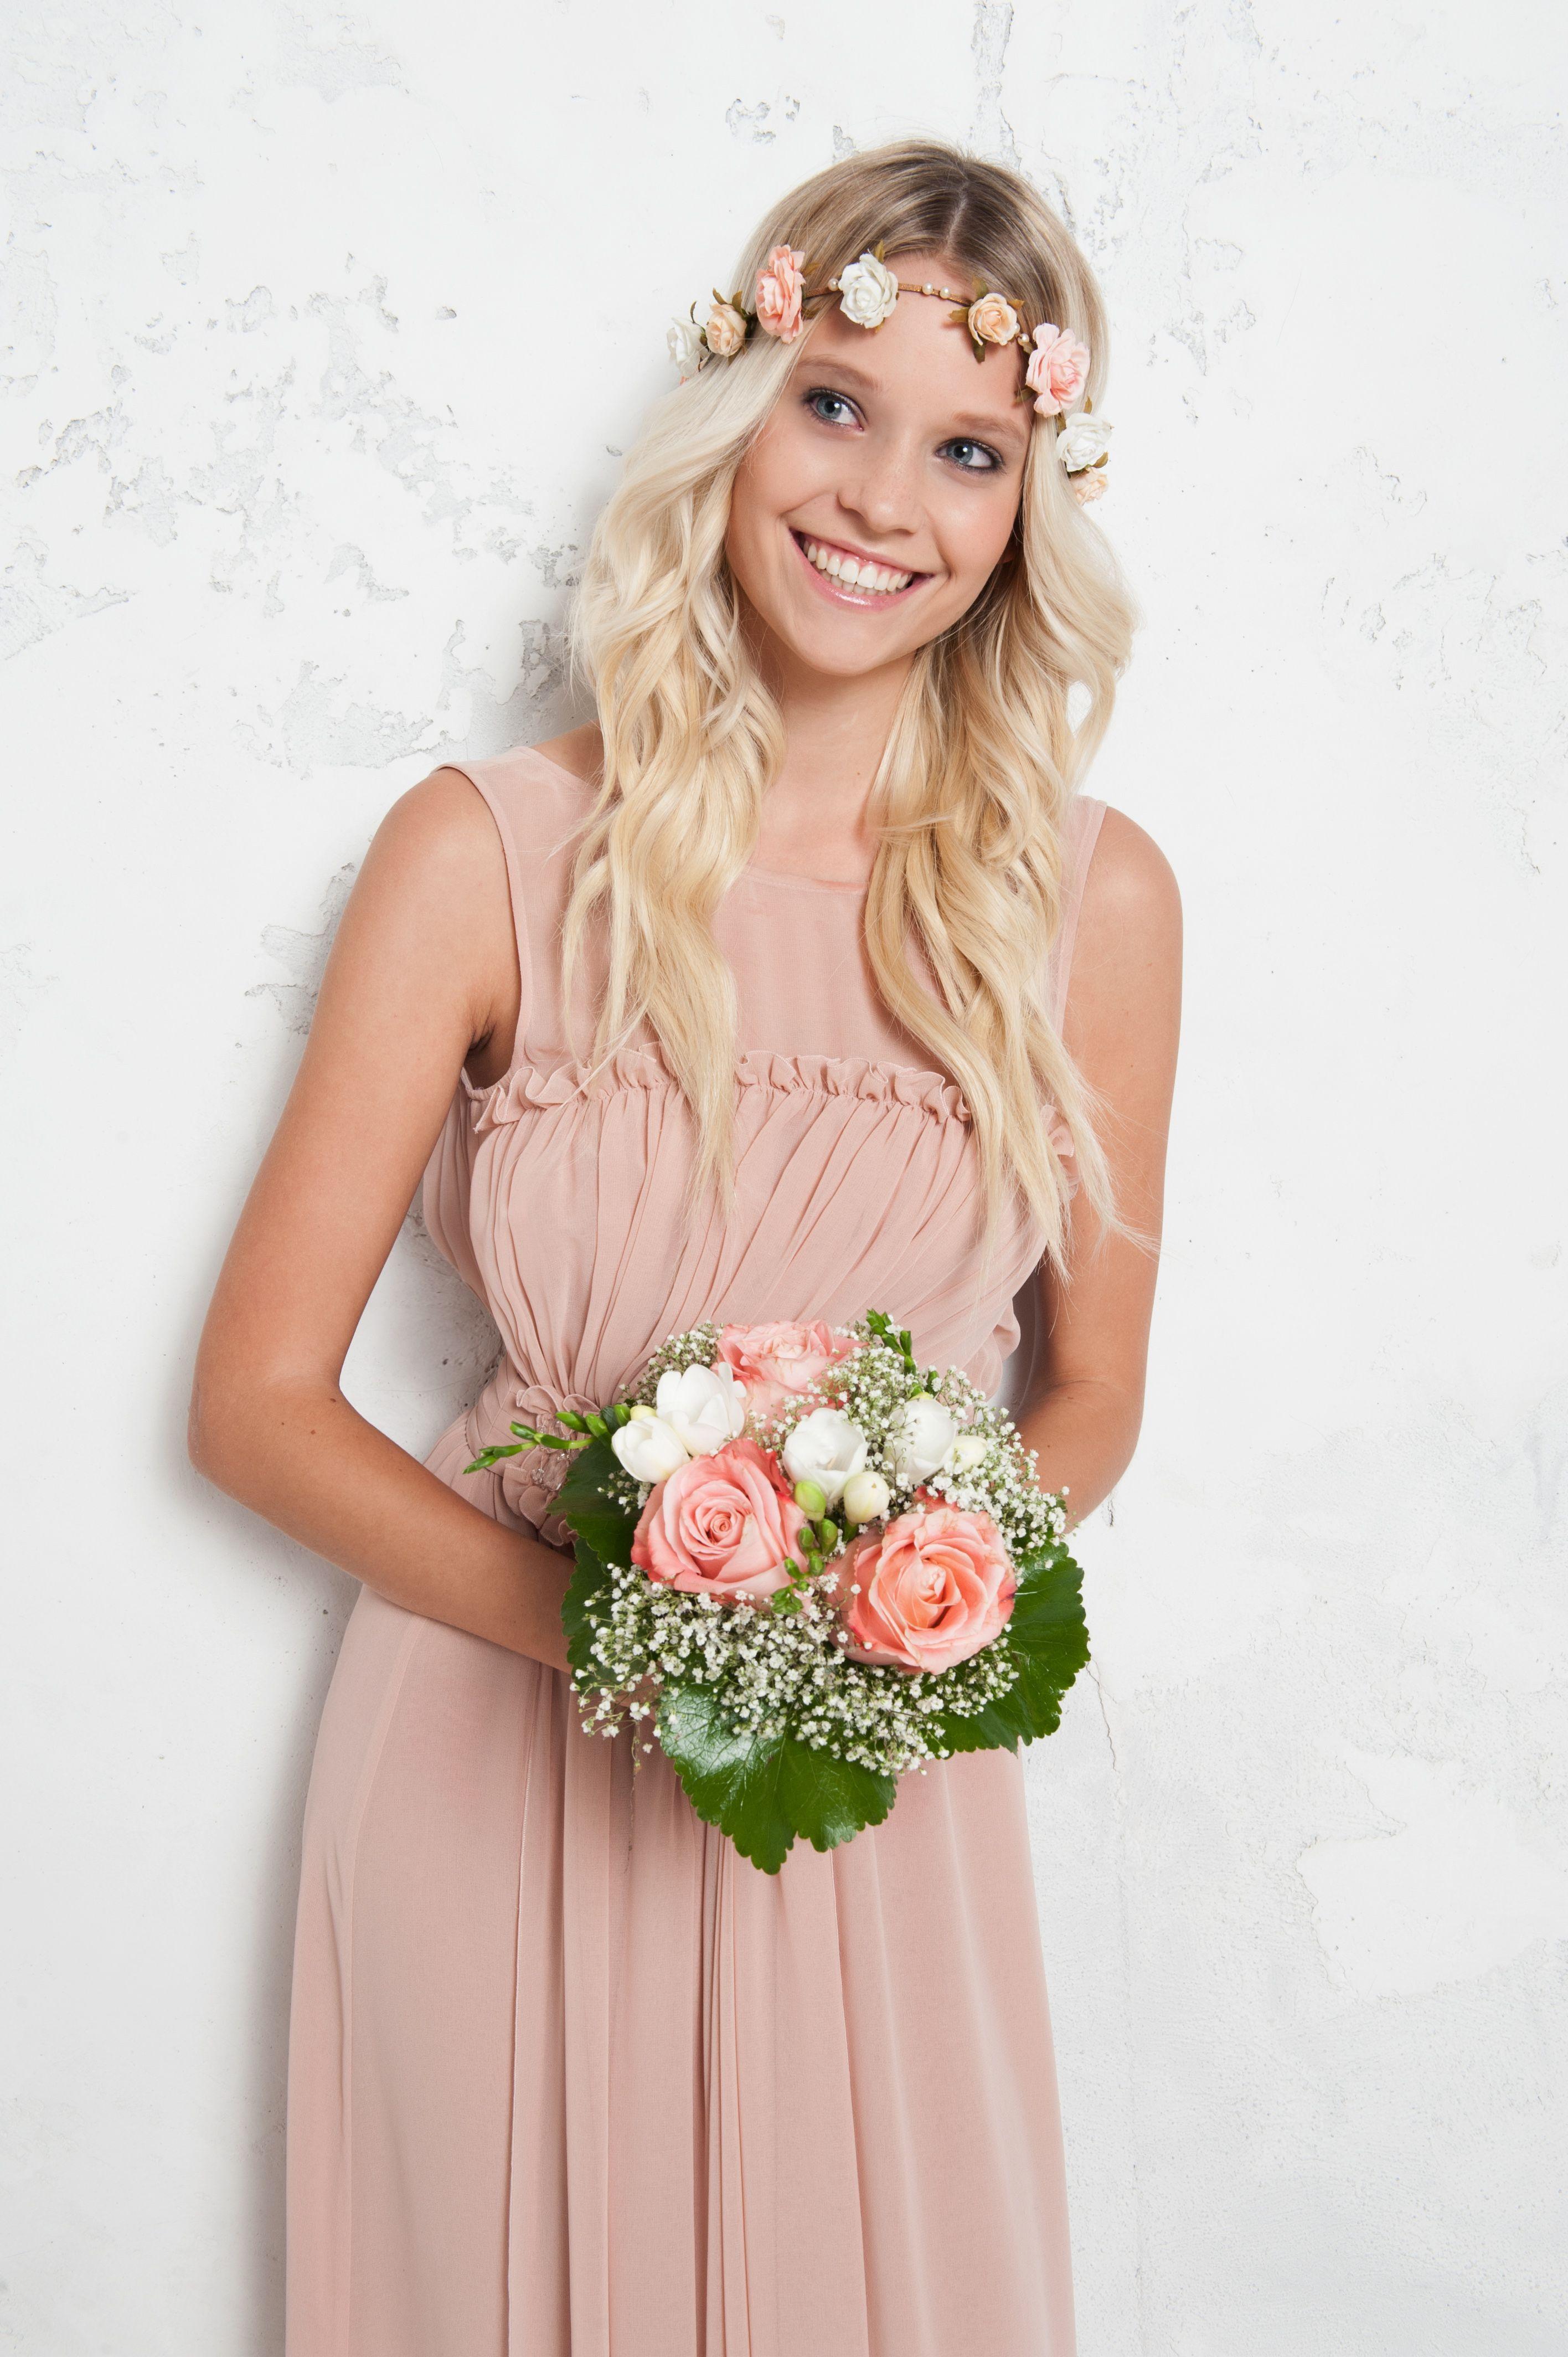 Perfekte hochzeitsgast kleid Ideen für Modeliebhaber  Kleid